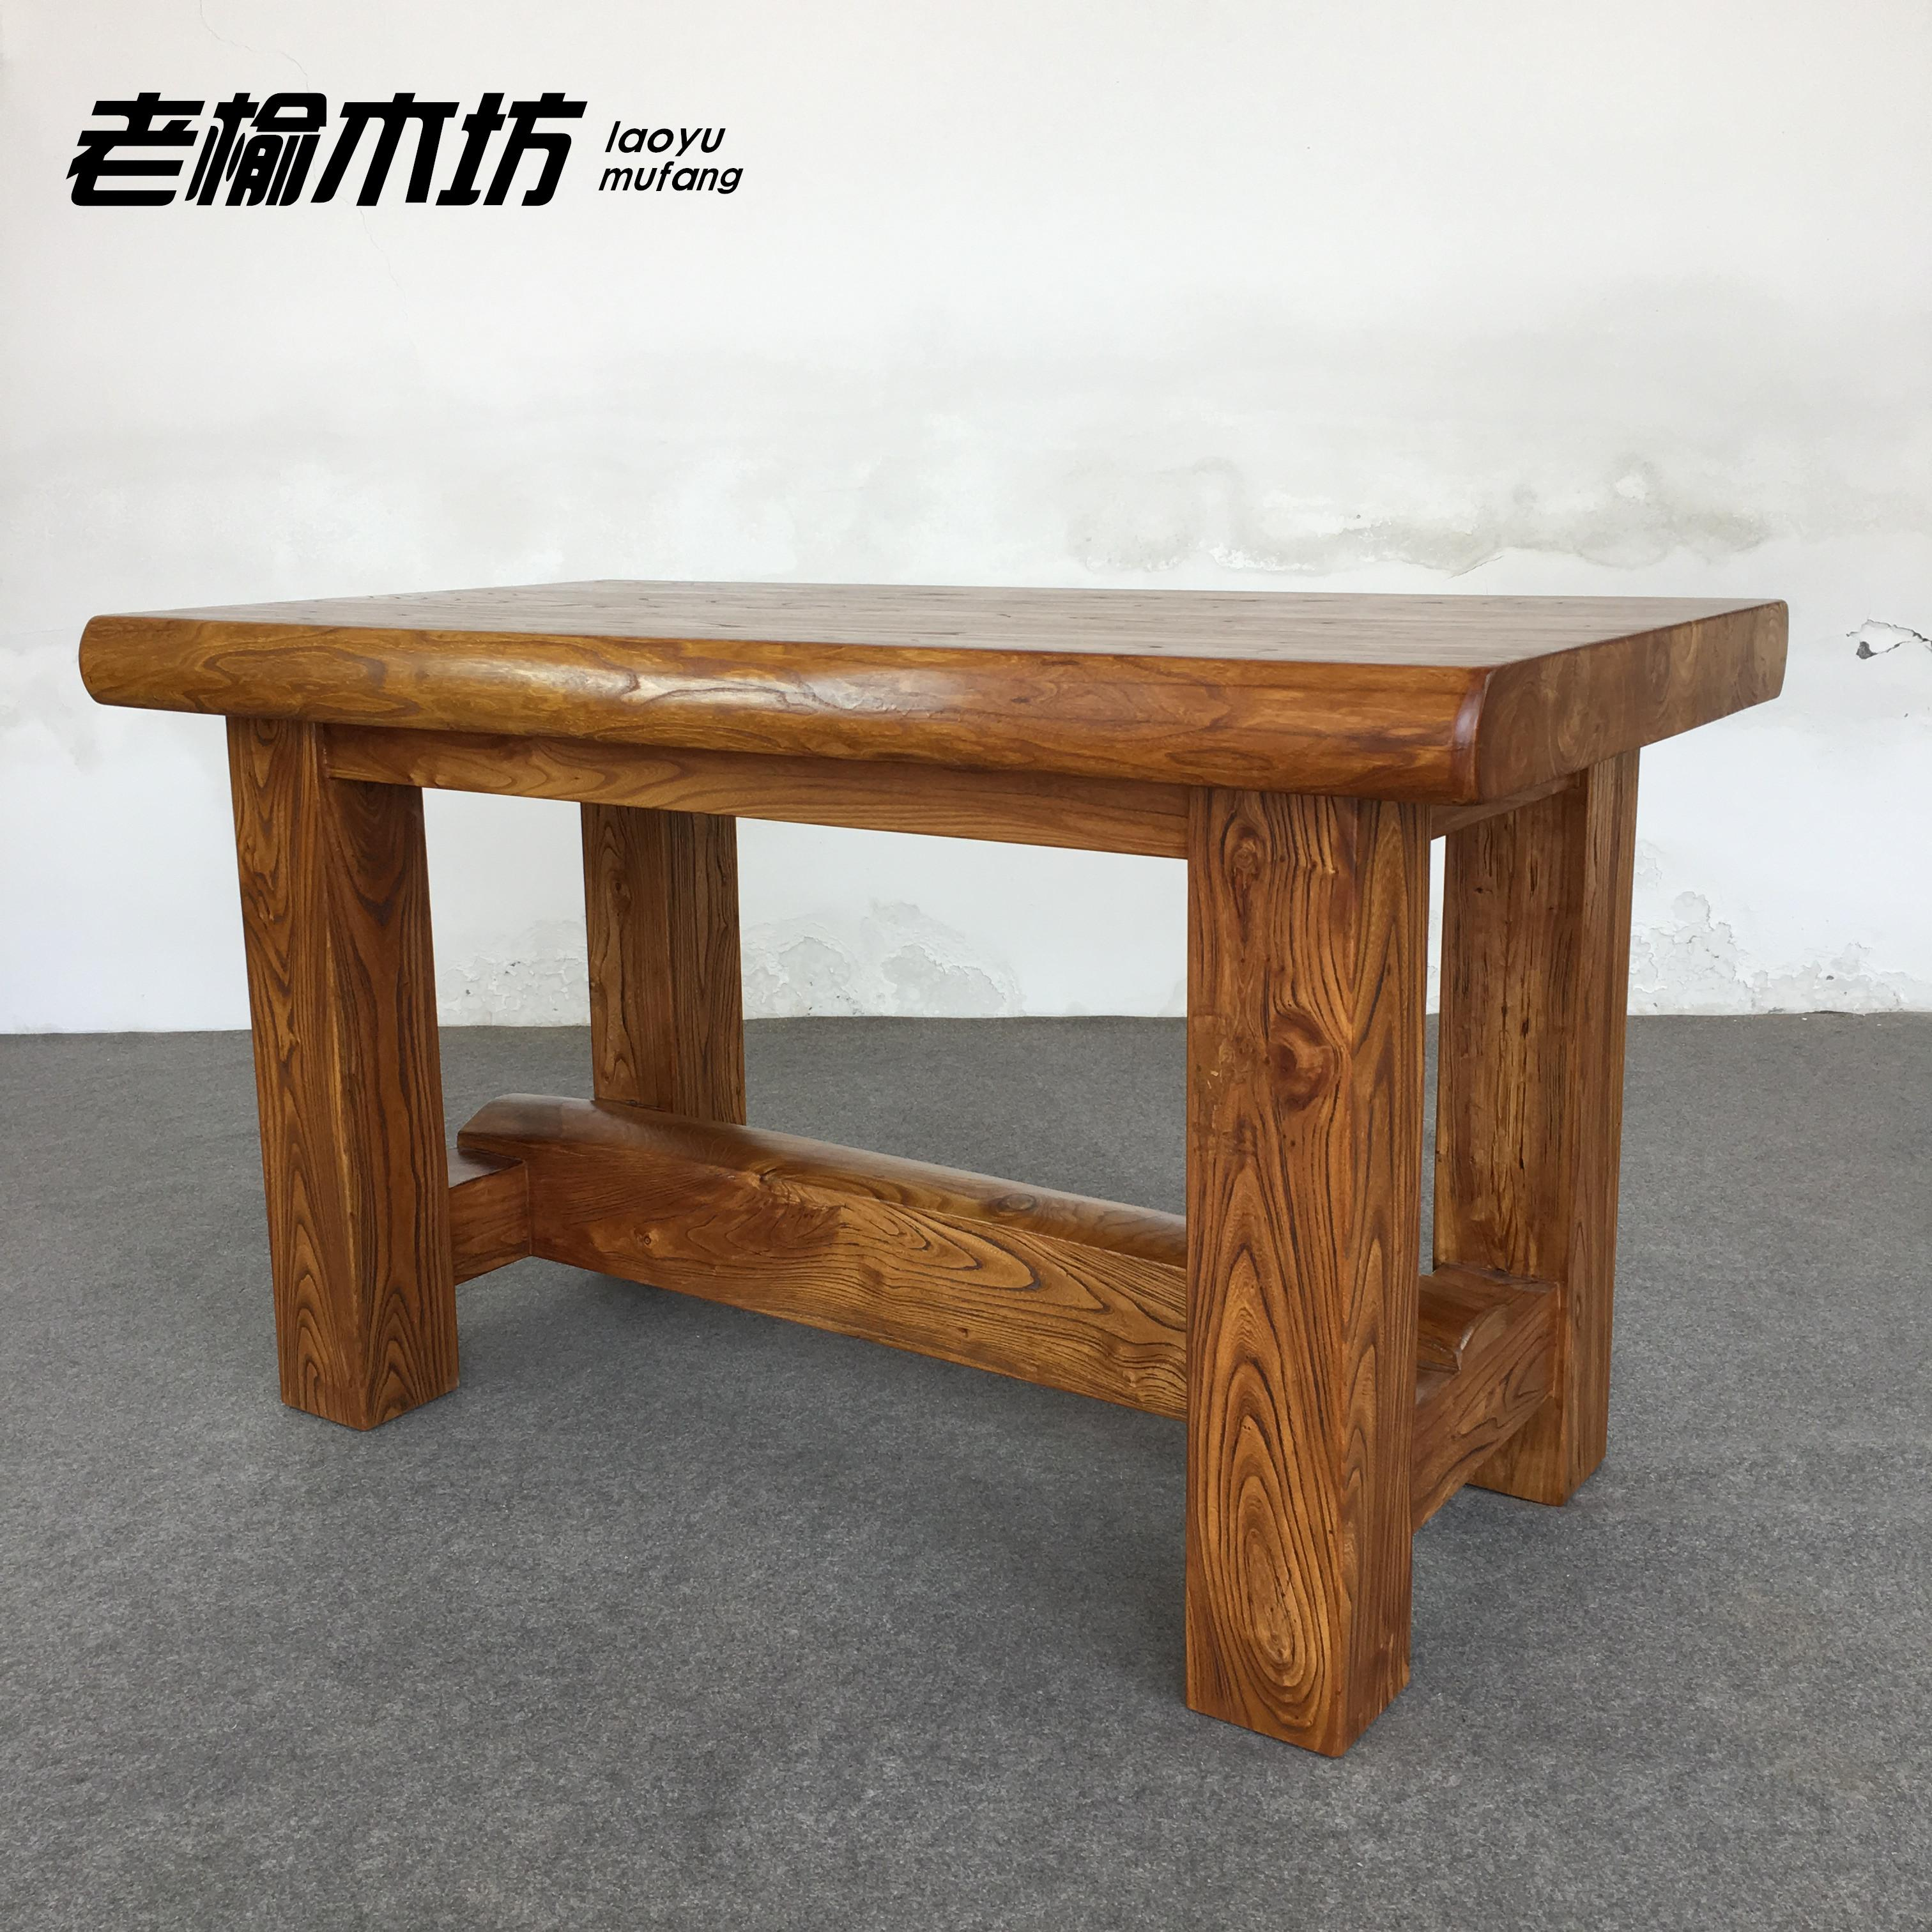 老榆木全实木厚面餐桌韩式饭桌办公桌原木桌长条桌时尚原生态茶桌